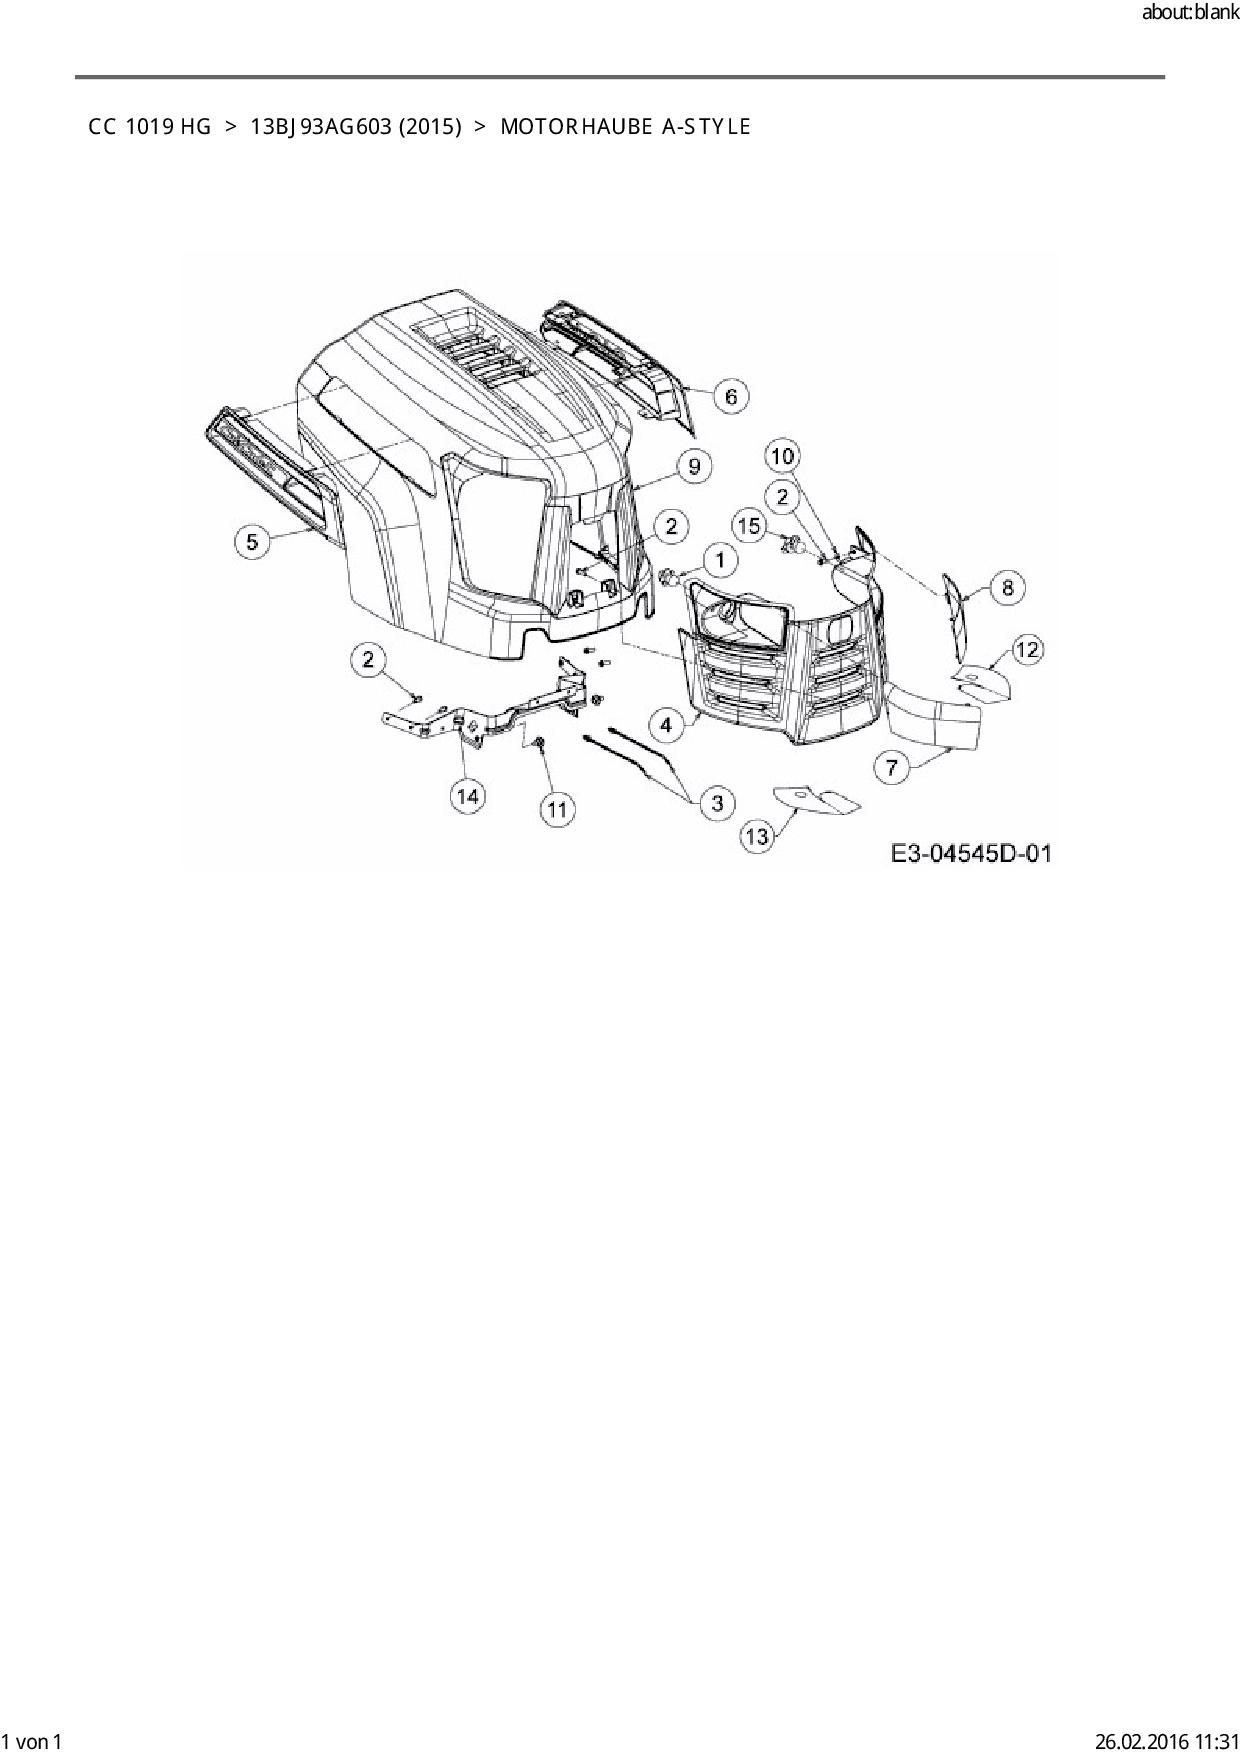 Ersatzteile von Cub Cadet Rasentraktor CC 1019 HG aus der Zeichnung M